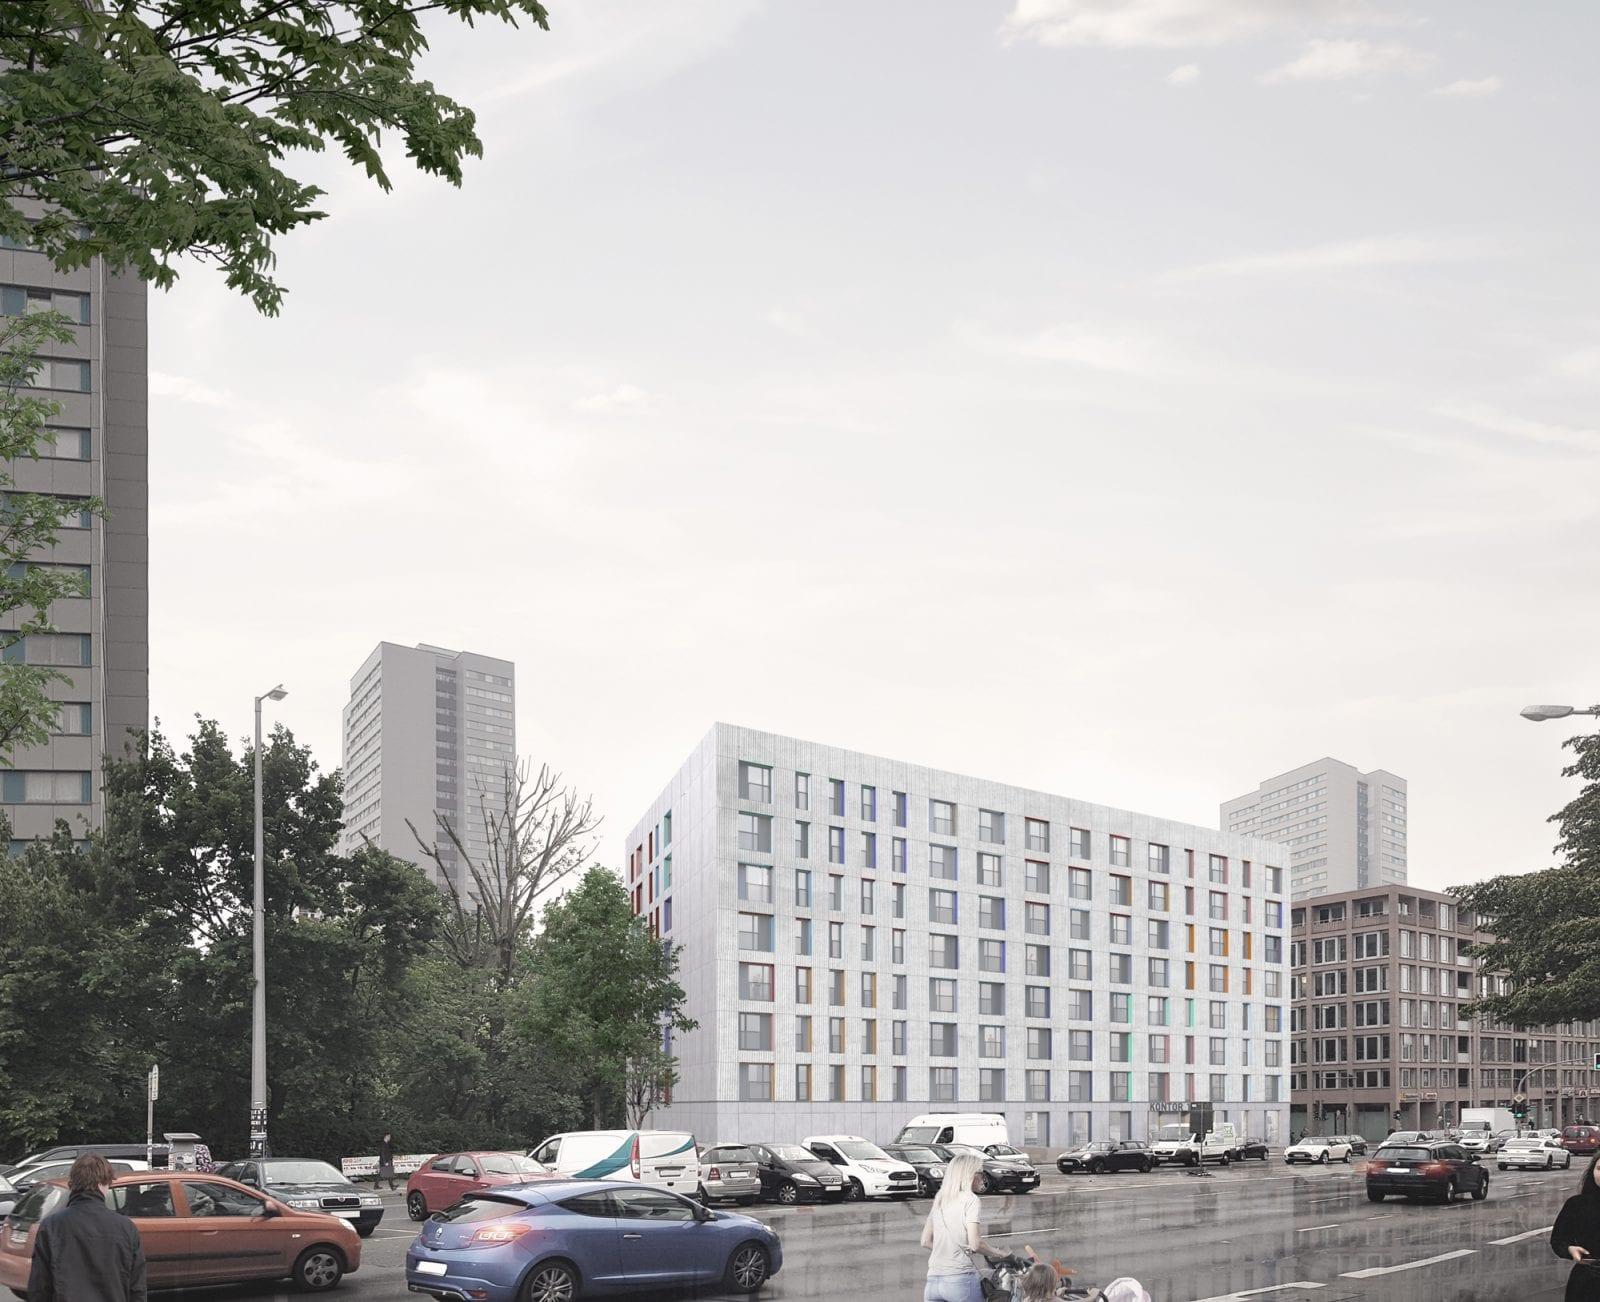 Wohnungsneubau von blauraum Architekten auf der Fischerinsel: Ansicht vom Mühlendamm (Bild: blauraum Architekten)